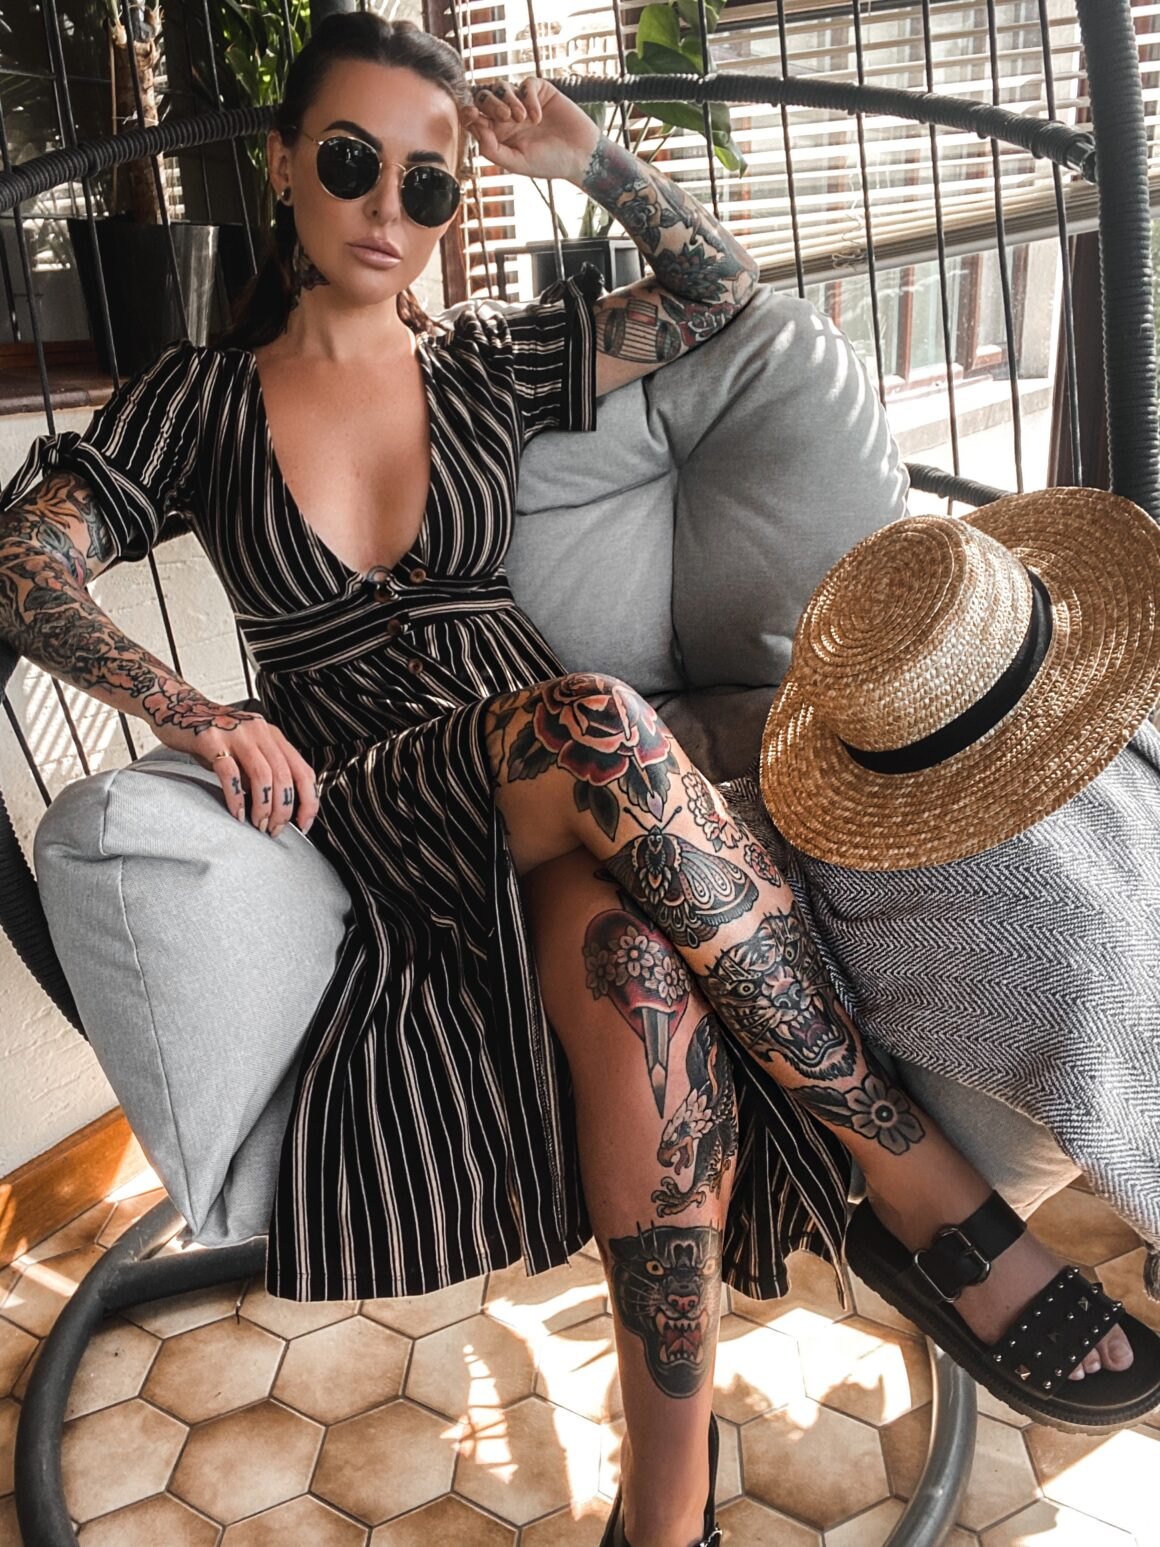 Stefanie tattoo model